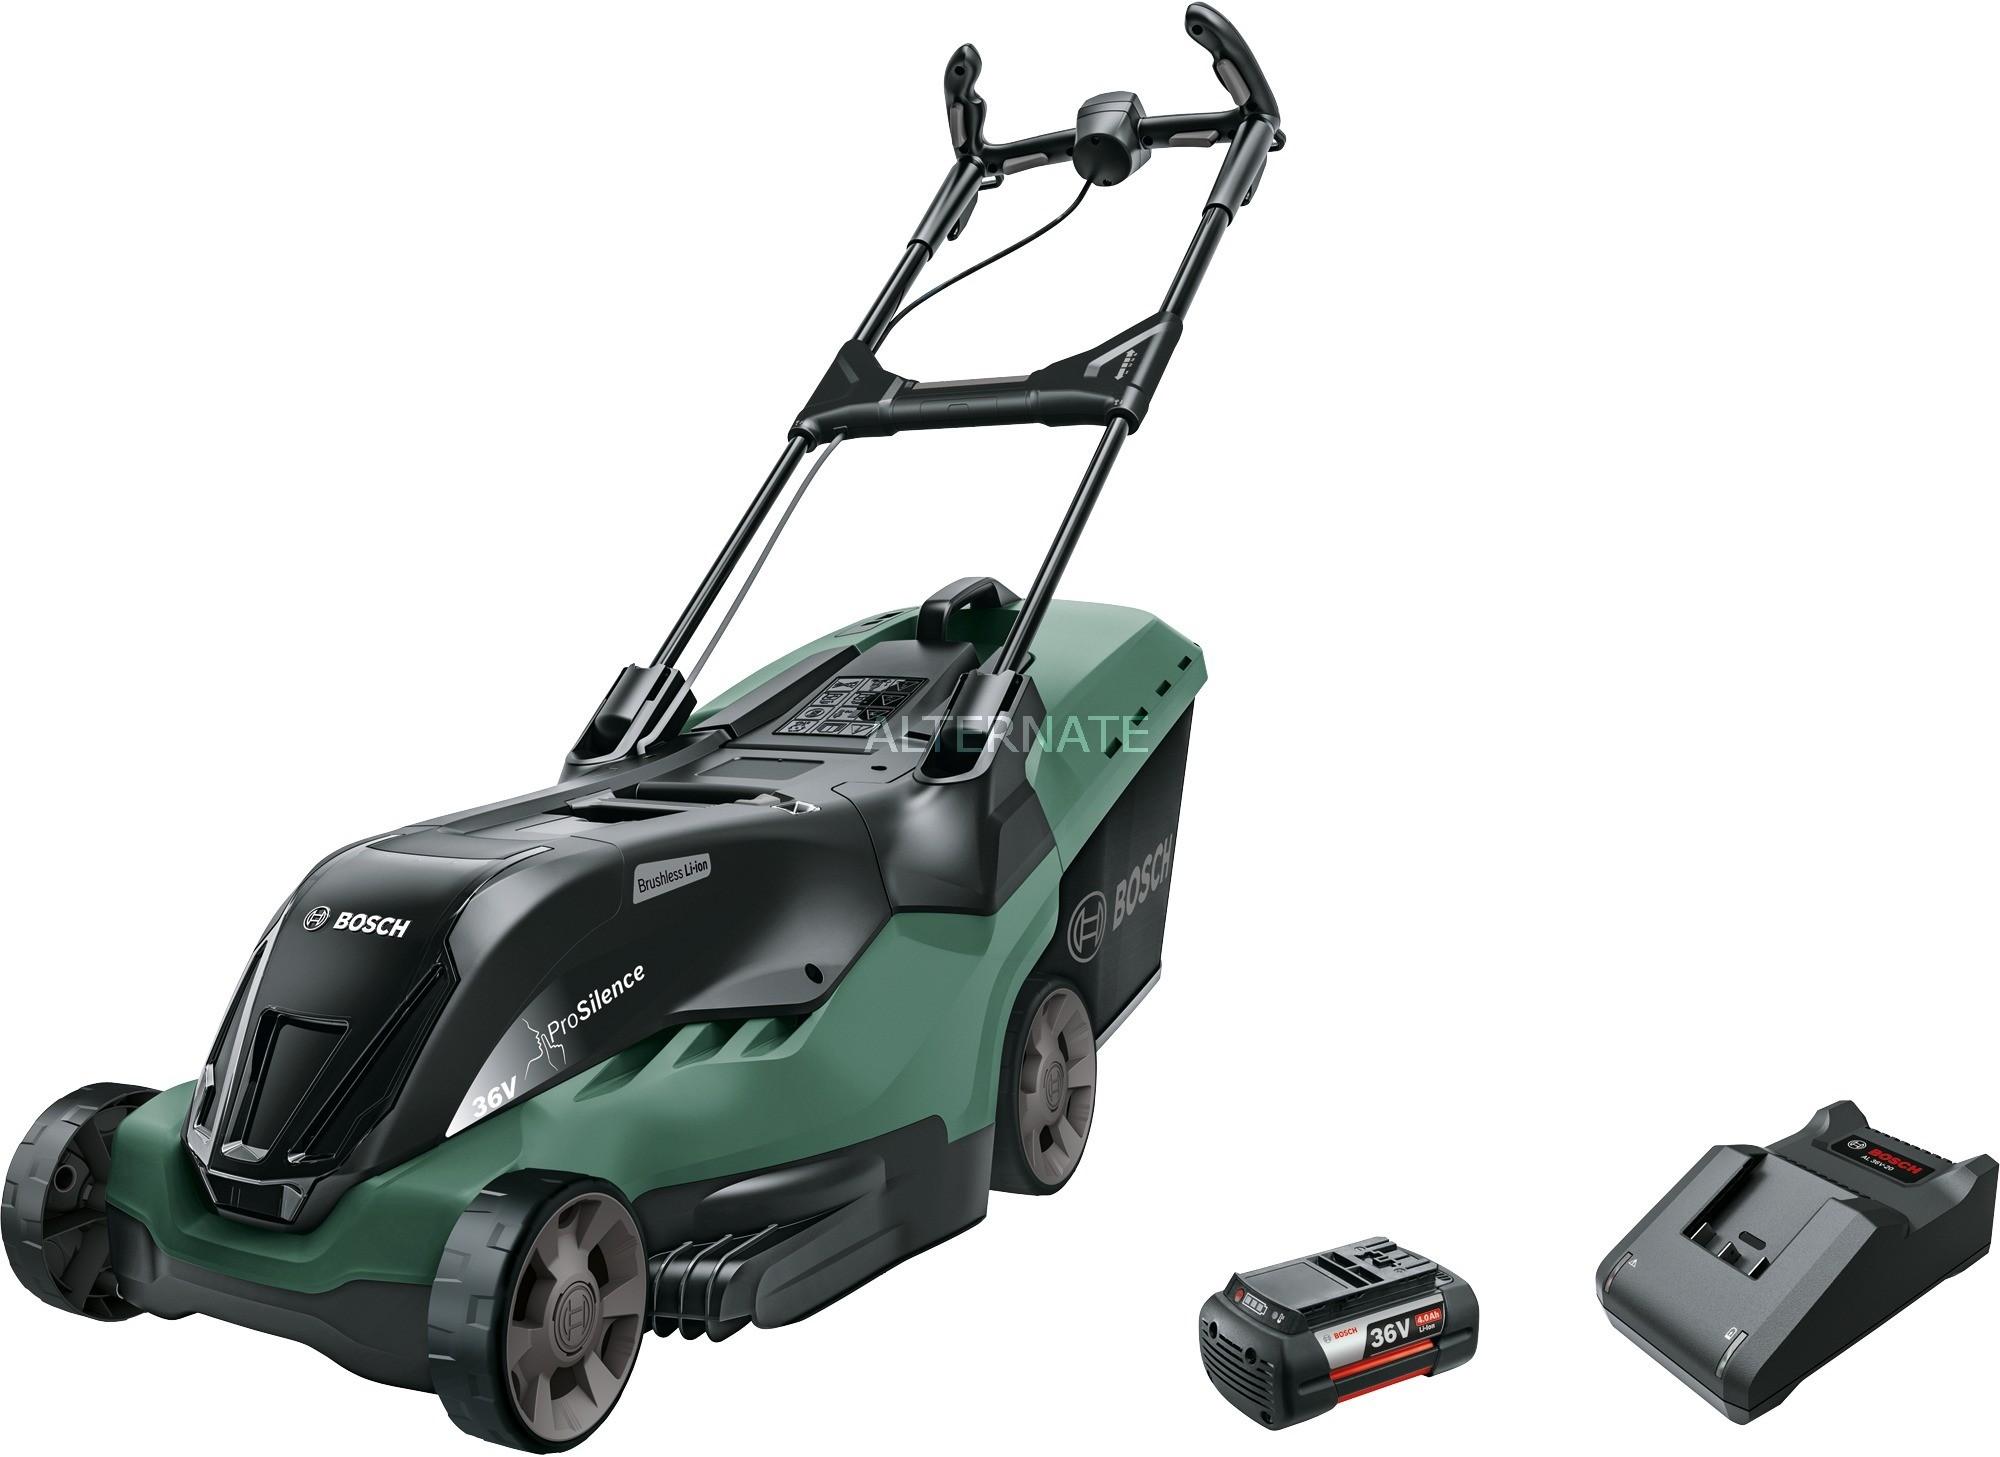 Bosch AdvancedRotak 36-750 Czarny, Zielony Bateria, kosiarka do trawy